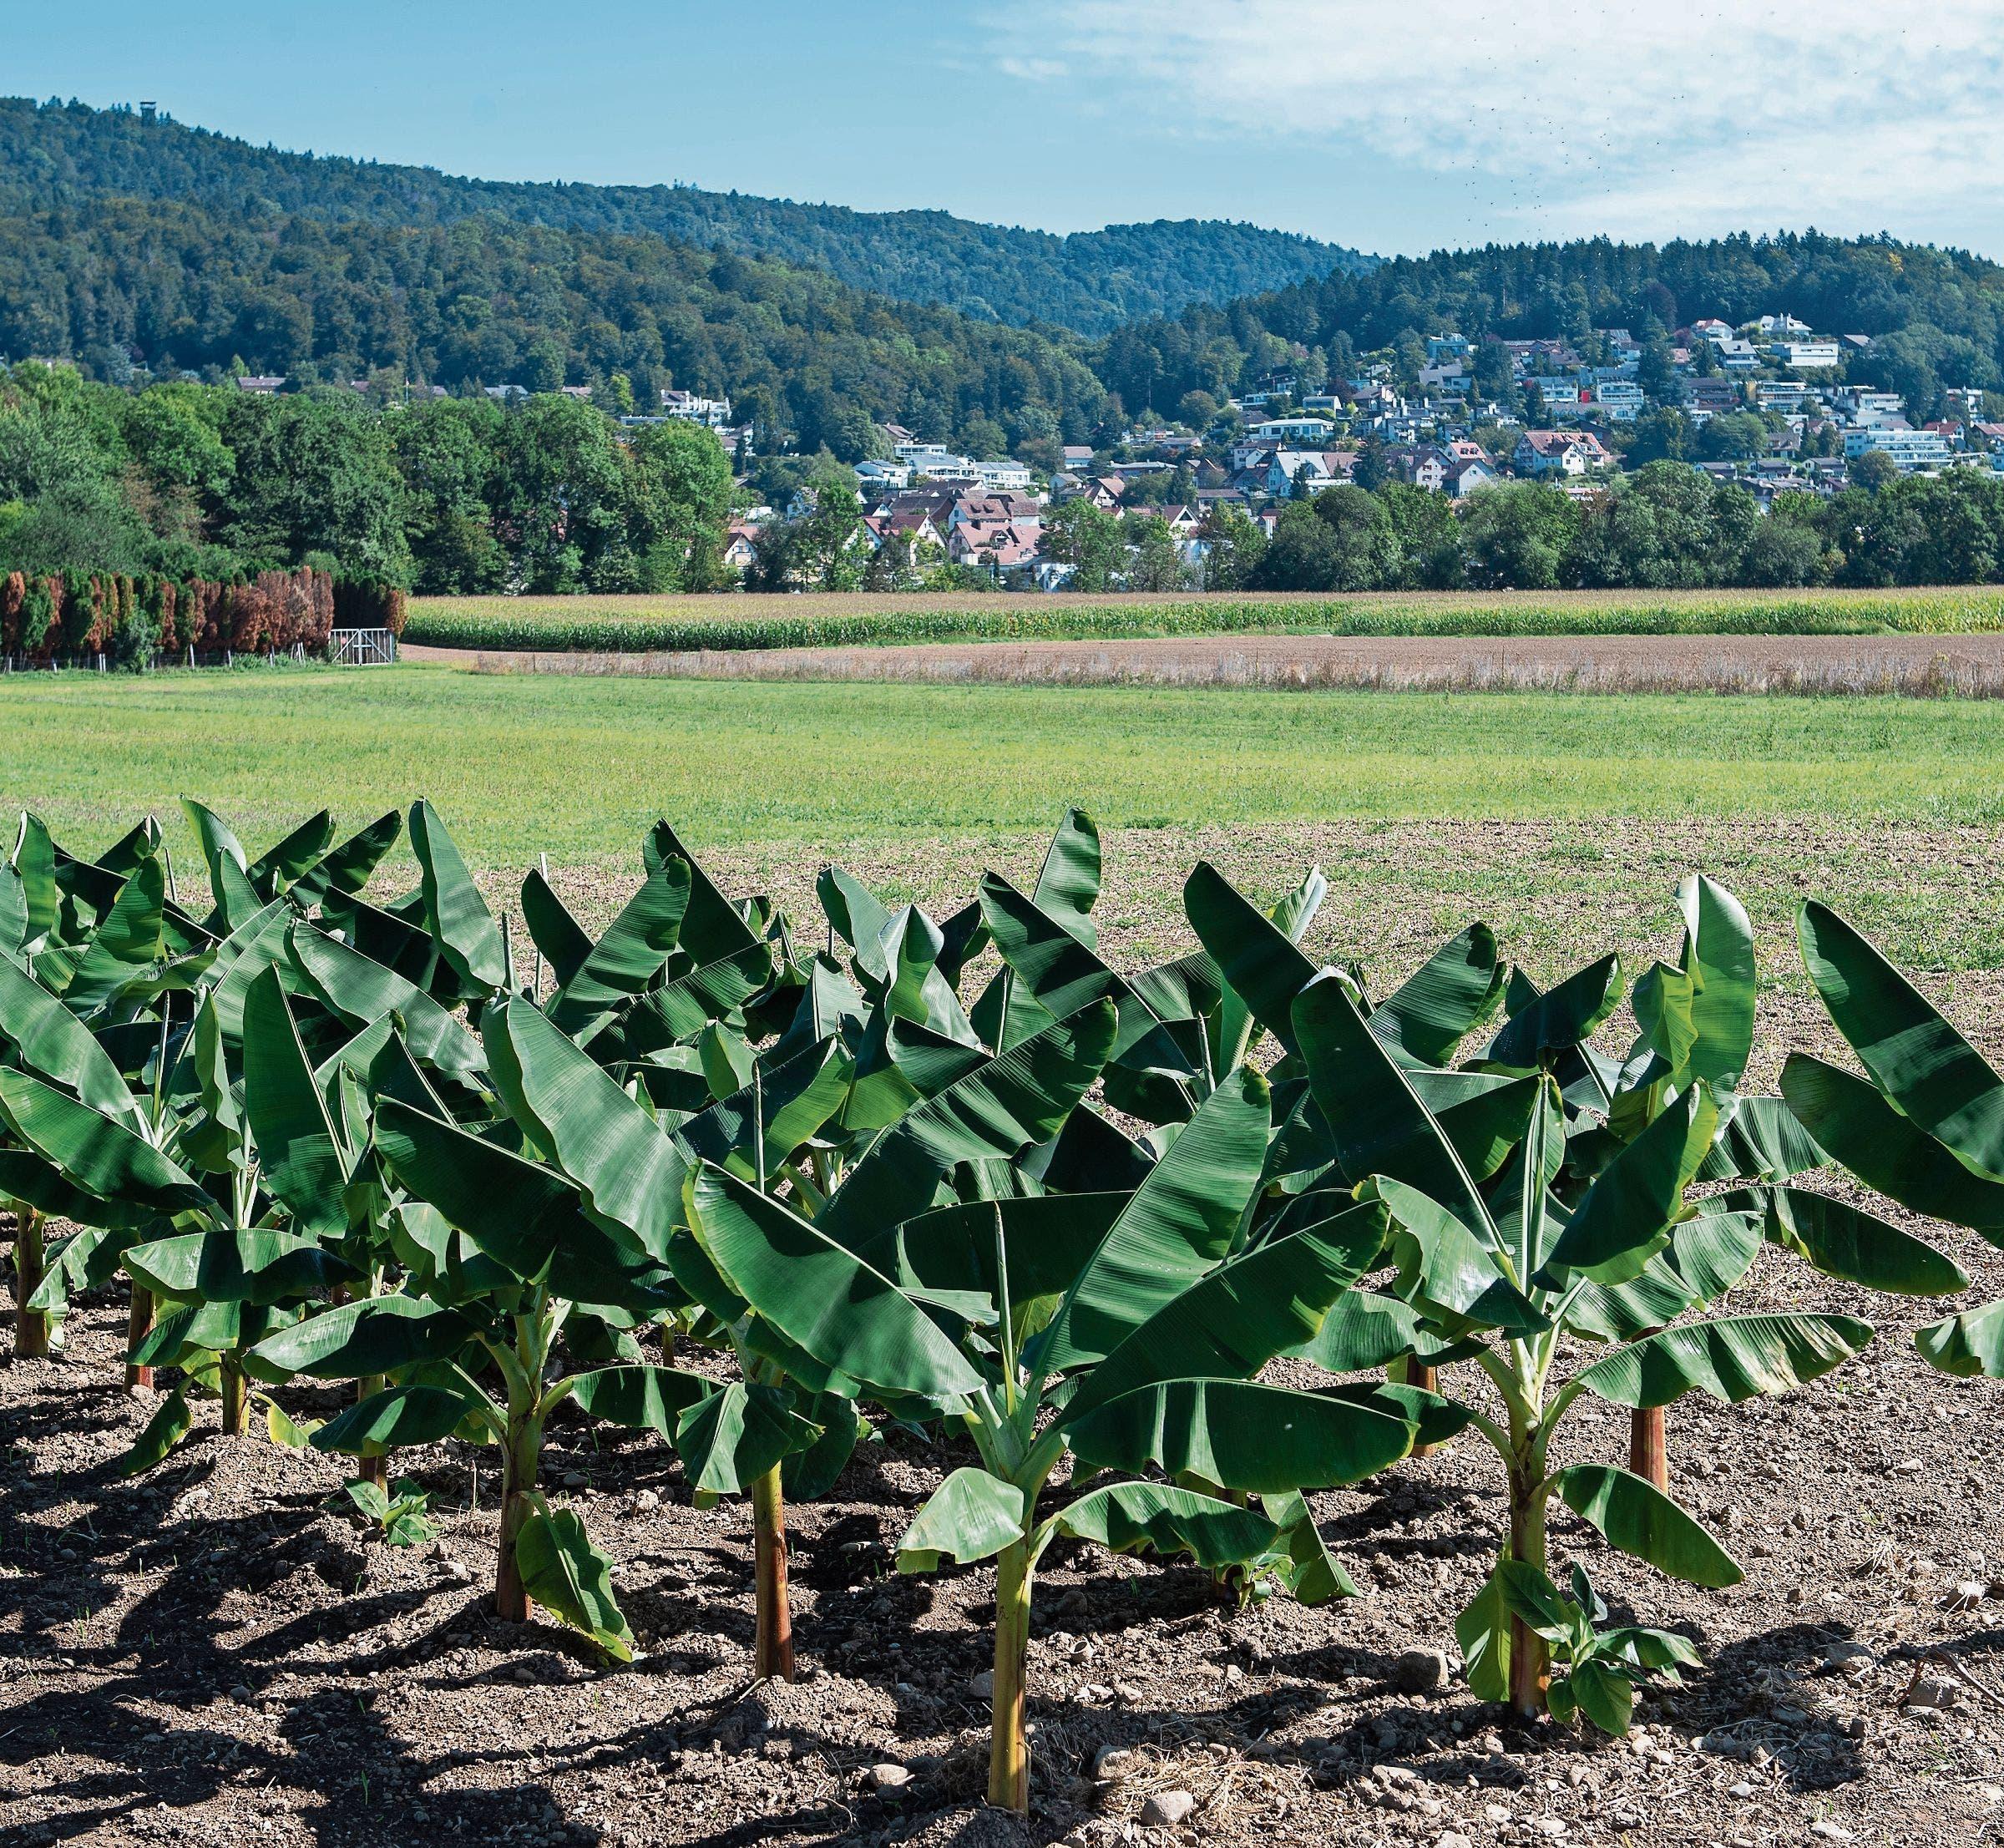 Im Rahmen der Regionale-2025-Landschaftsausstellung «Wachgeküsst» wurde 2019 in Spreitenbach eine kleine Bananenplantage gepflanzt.